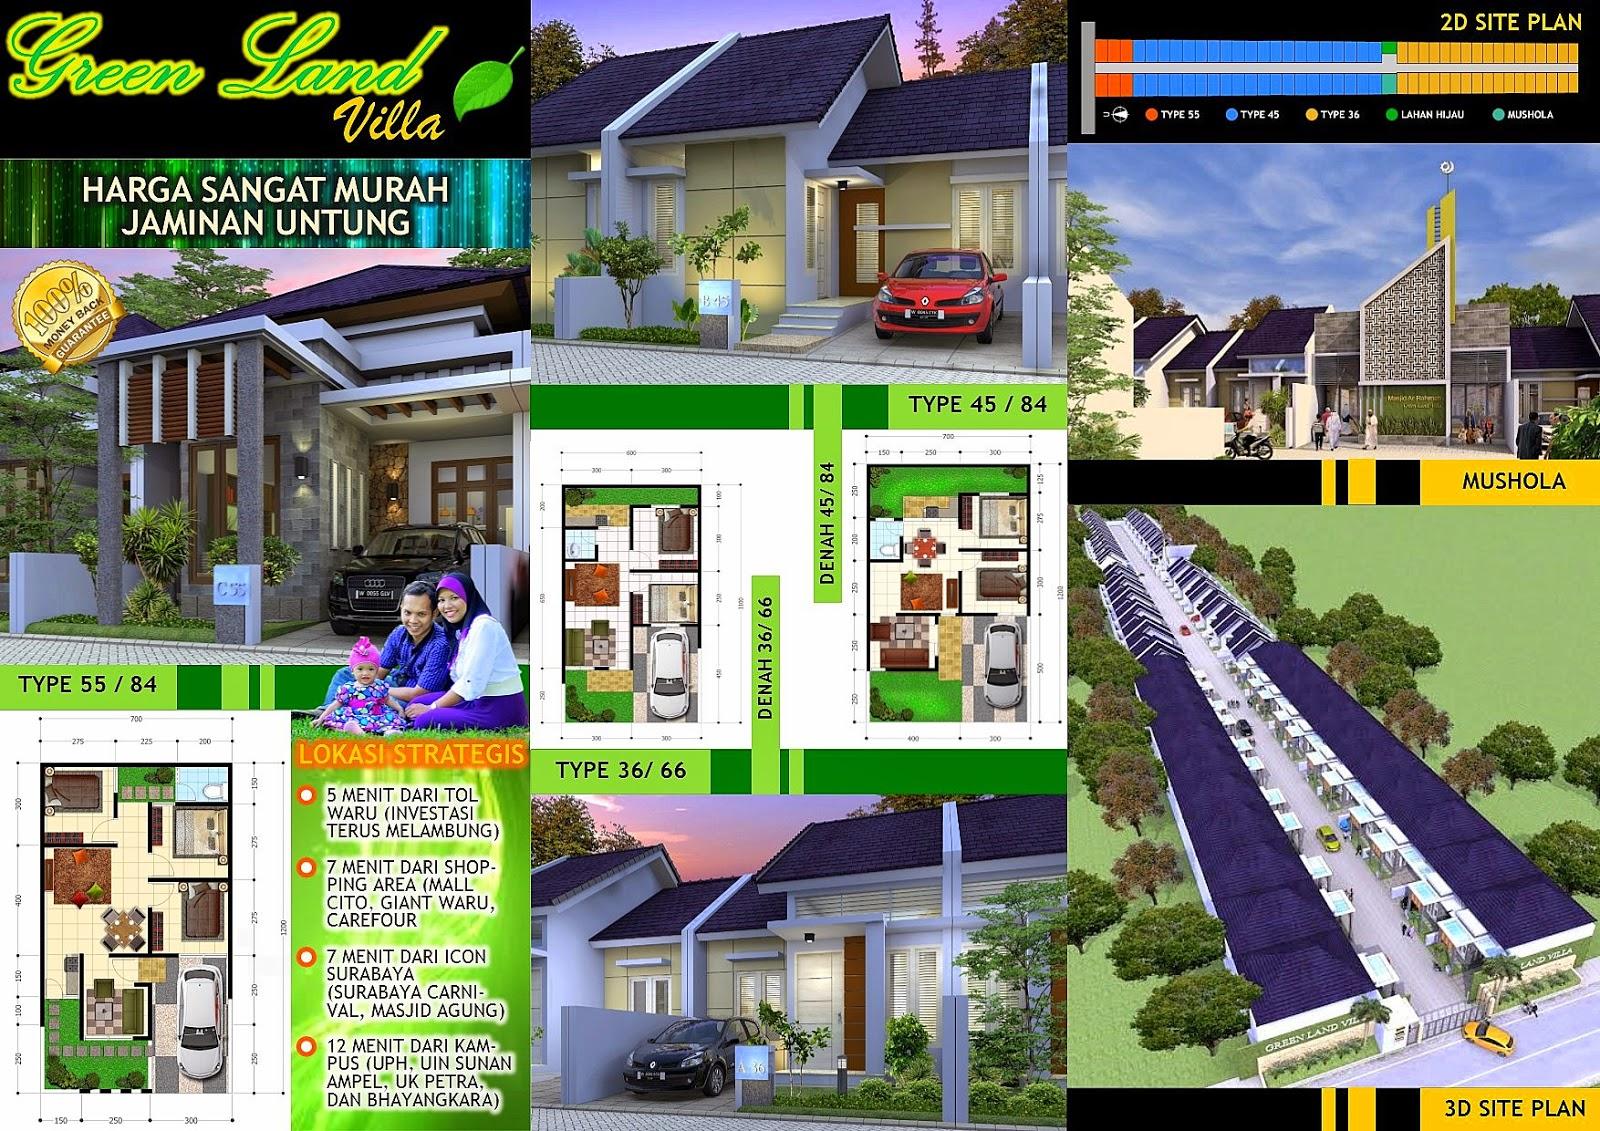 Hasil Jasa Desain Rumah Minimalis - Perumahan Green Land Villa - Brosur